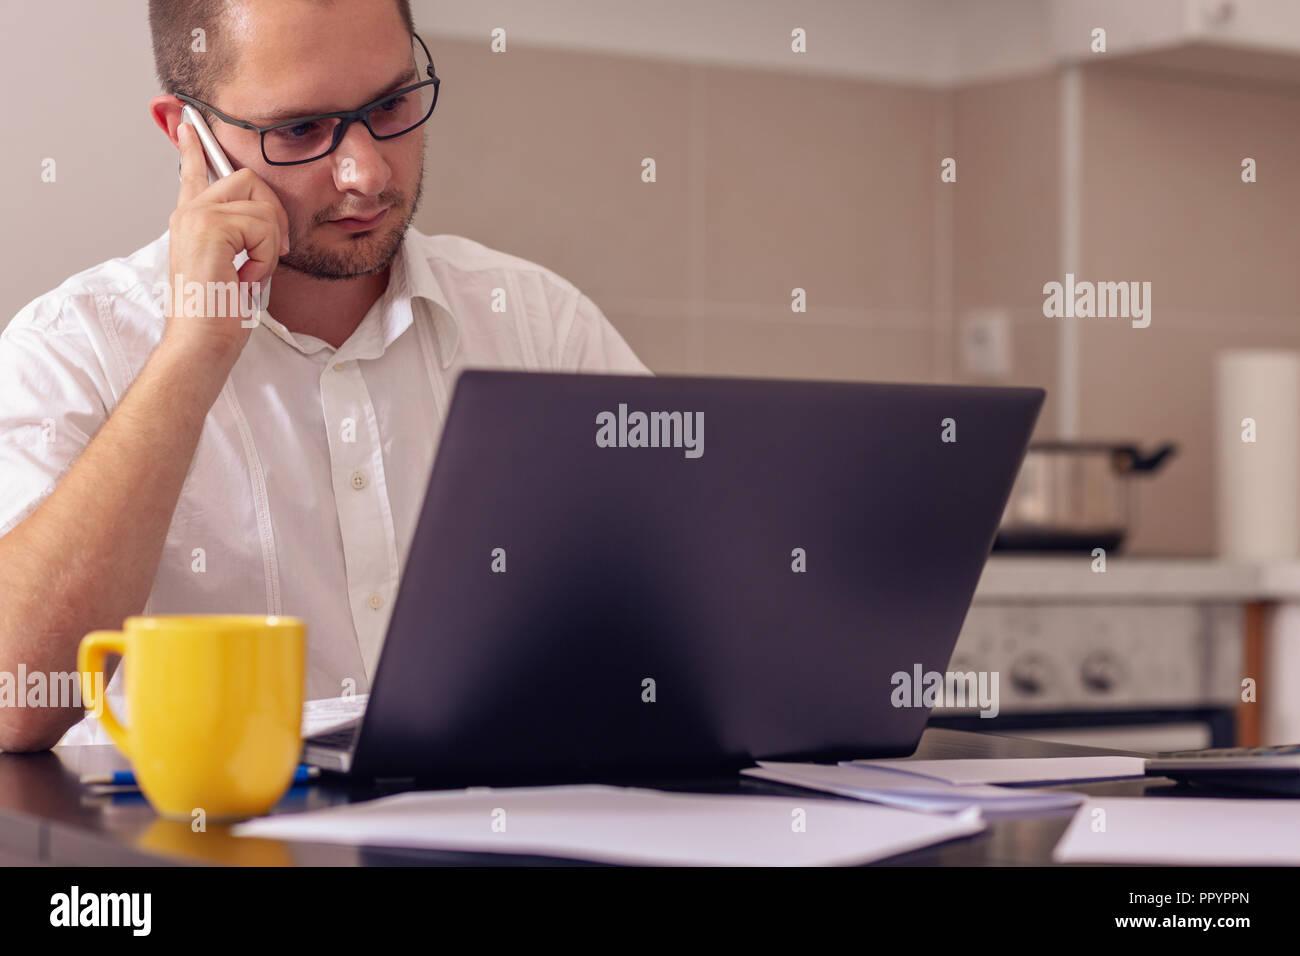 Junge kreative Menschen arbeiten mit Computer, während am Telefon sprechen zu Hause Stockfoto